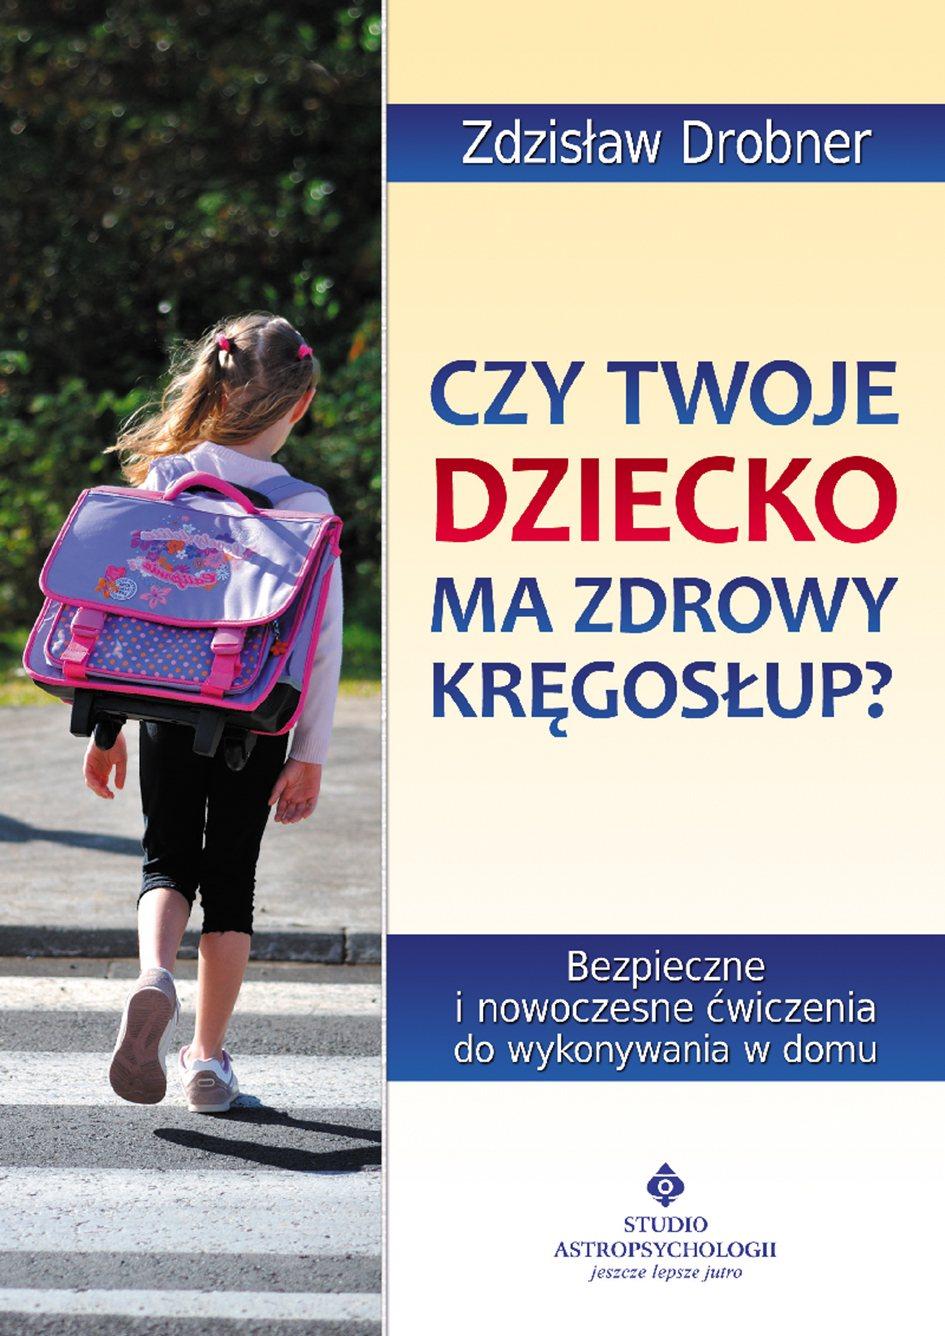 Czy Twoje dziecko ma zdrowy kręgosłup? Bezpieczne ćwiczenia do stosowania w domu - Ebook (Książka na Kindle) do pobrania w formacie MOBI